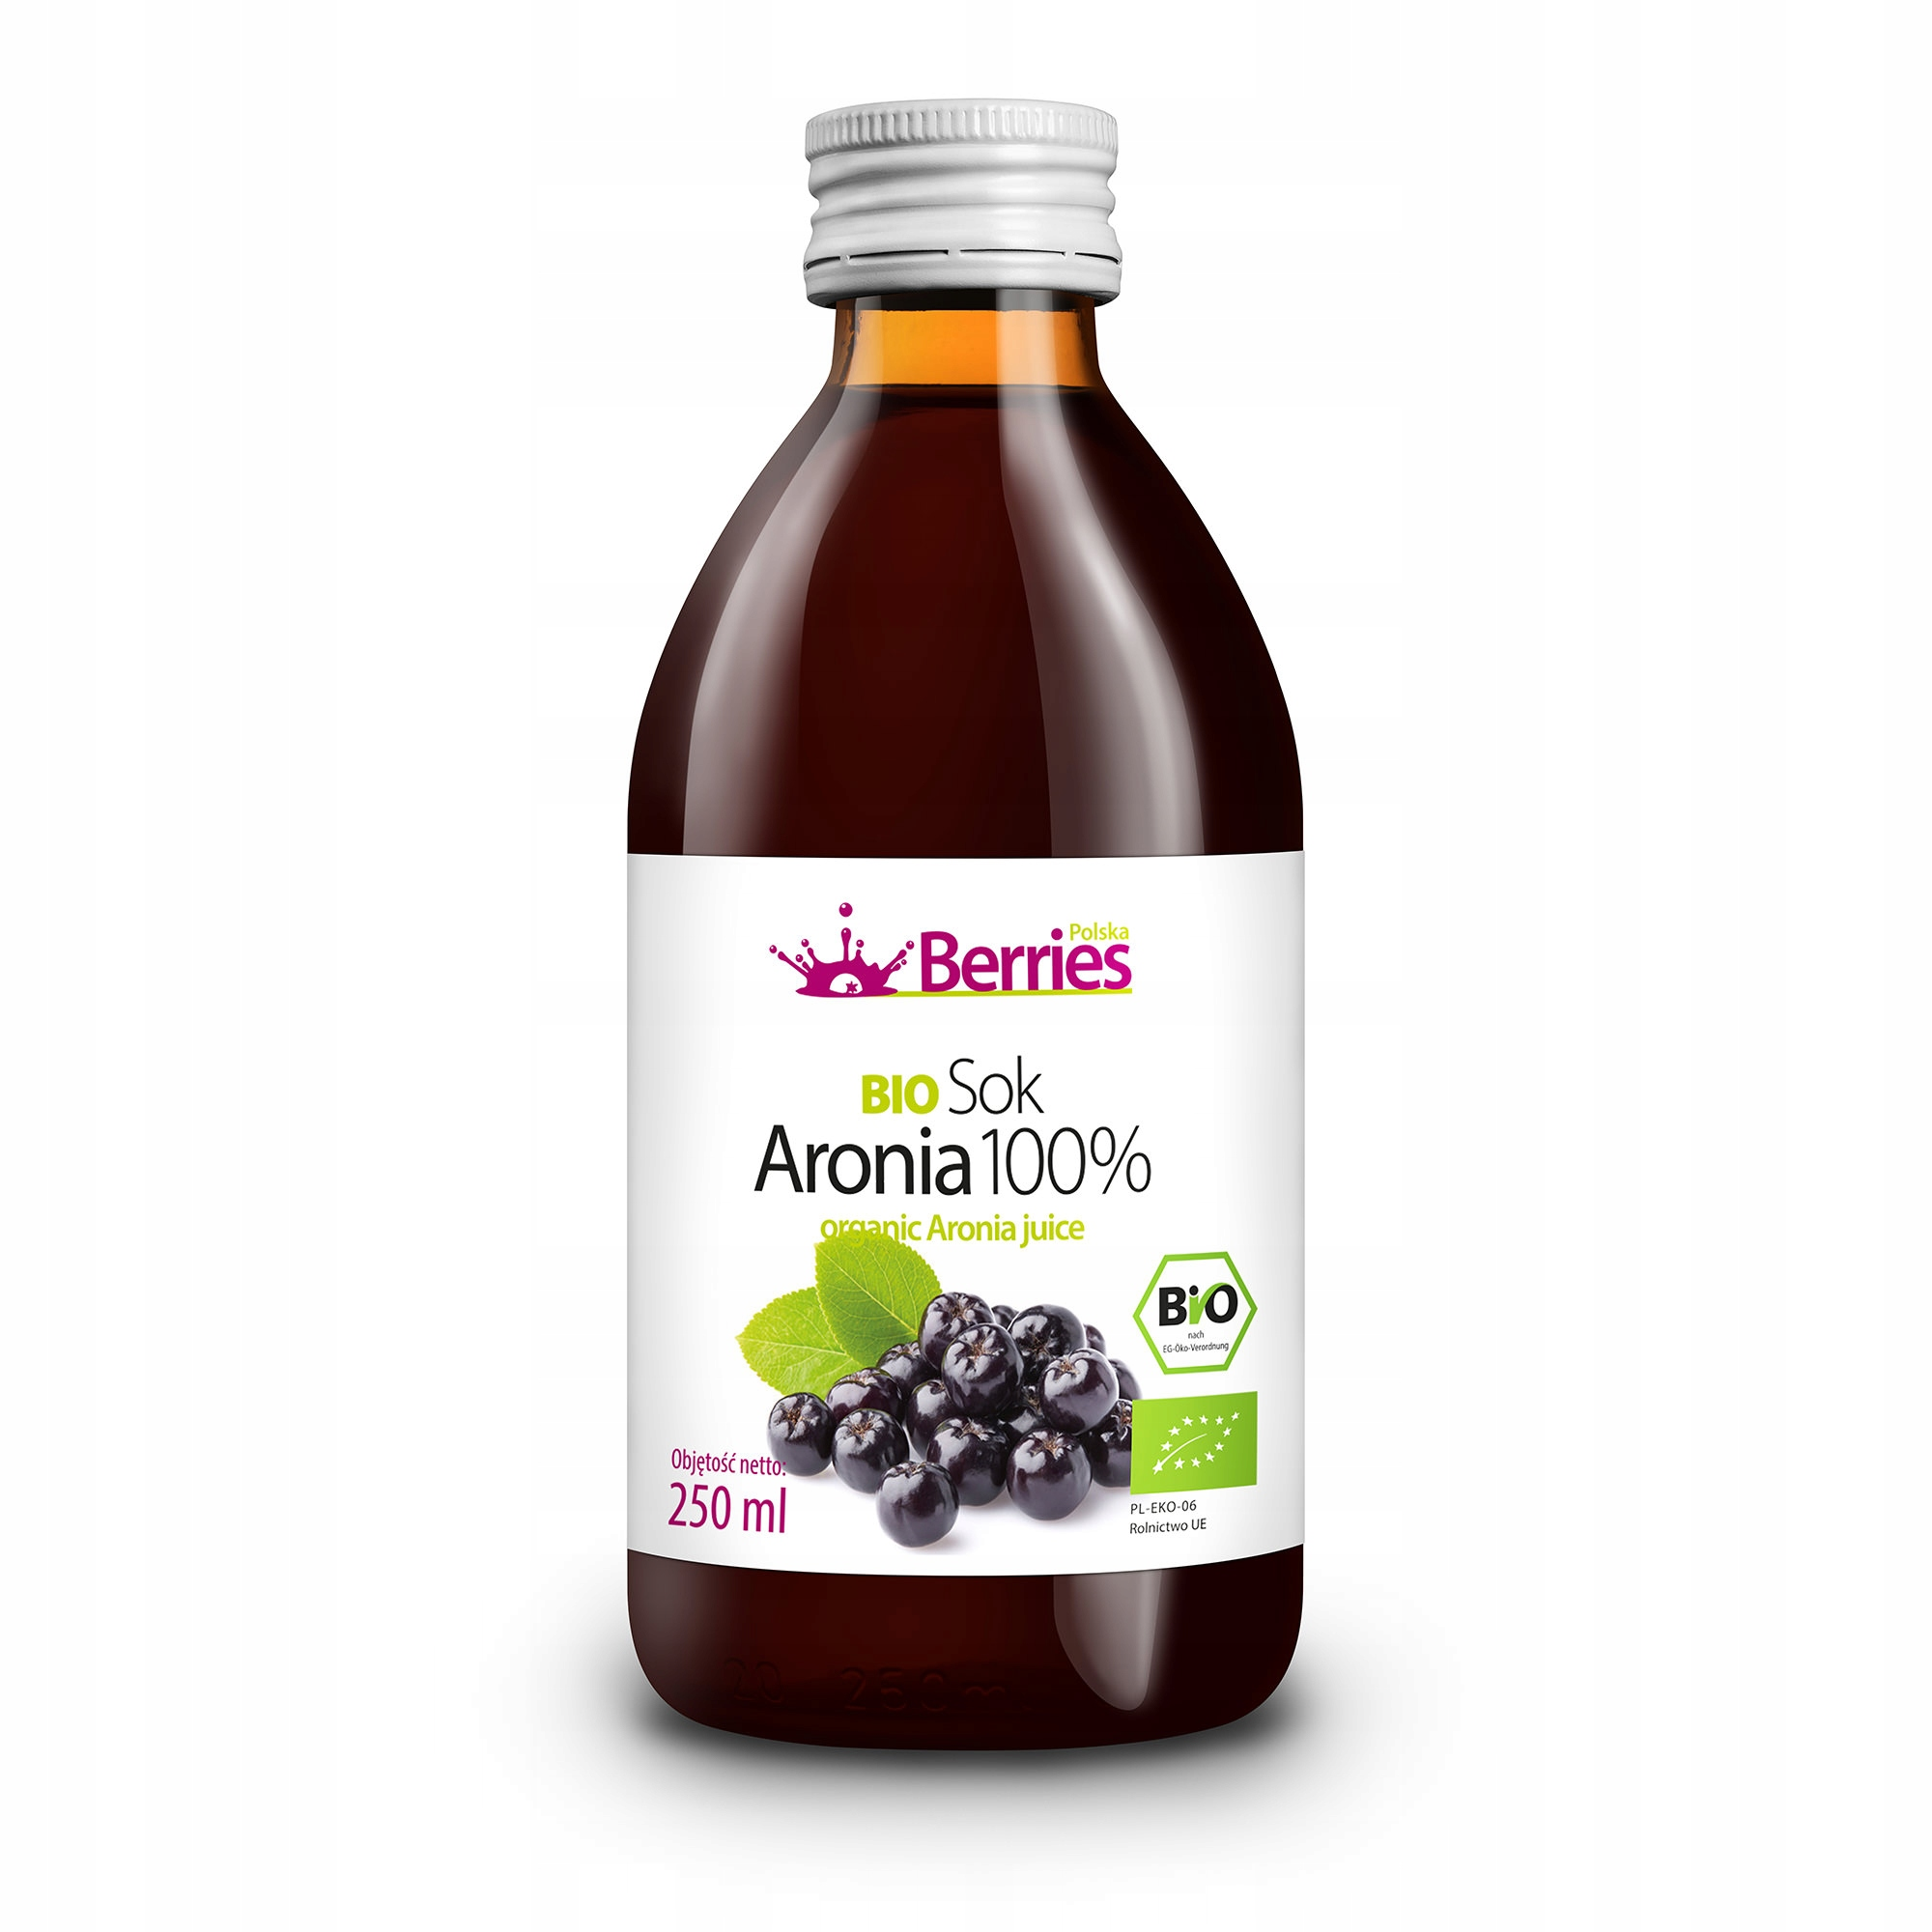 Sok BIO Aronia 100% ekologiczny sok z aronii 250ml